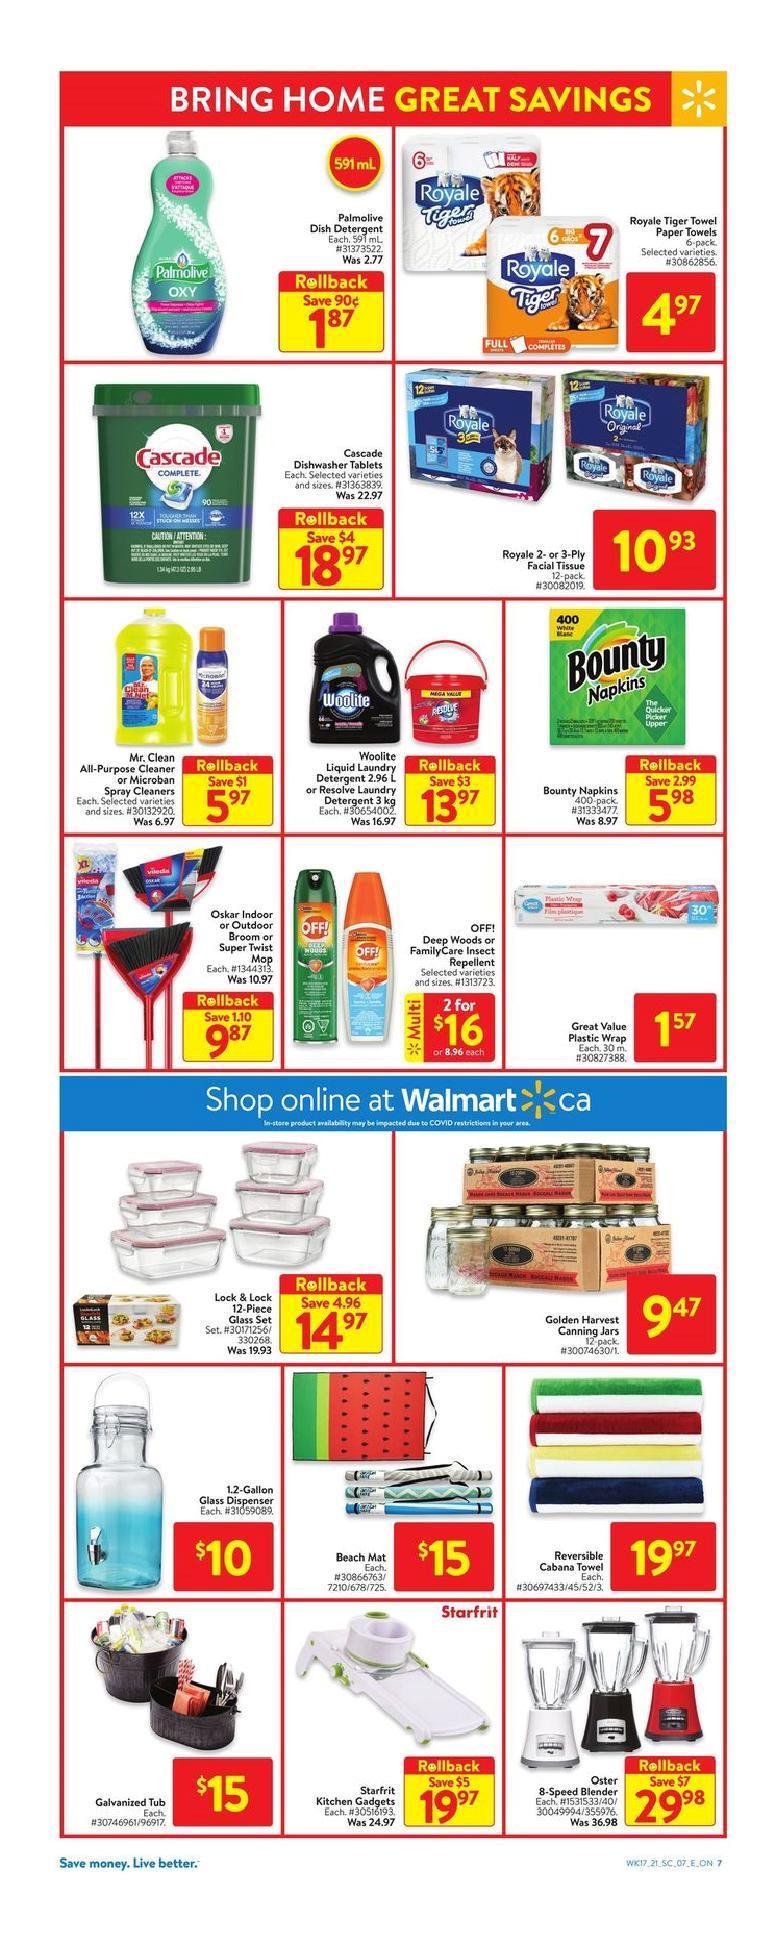 13 Walmart Supercentre Flyer May 20 May 26 2021